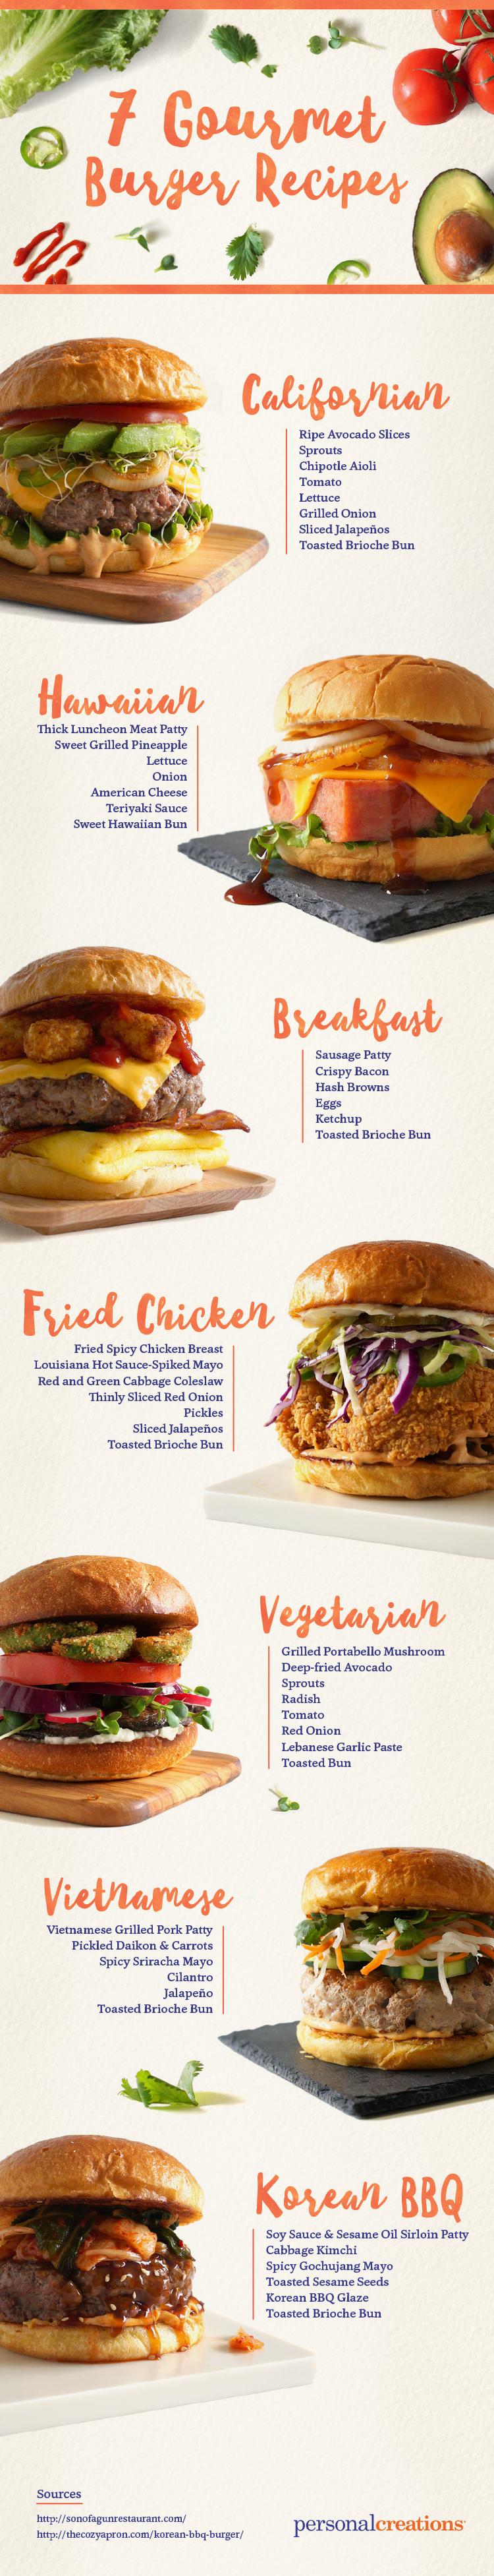 7-gourmet-burger